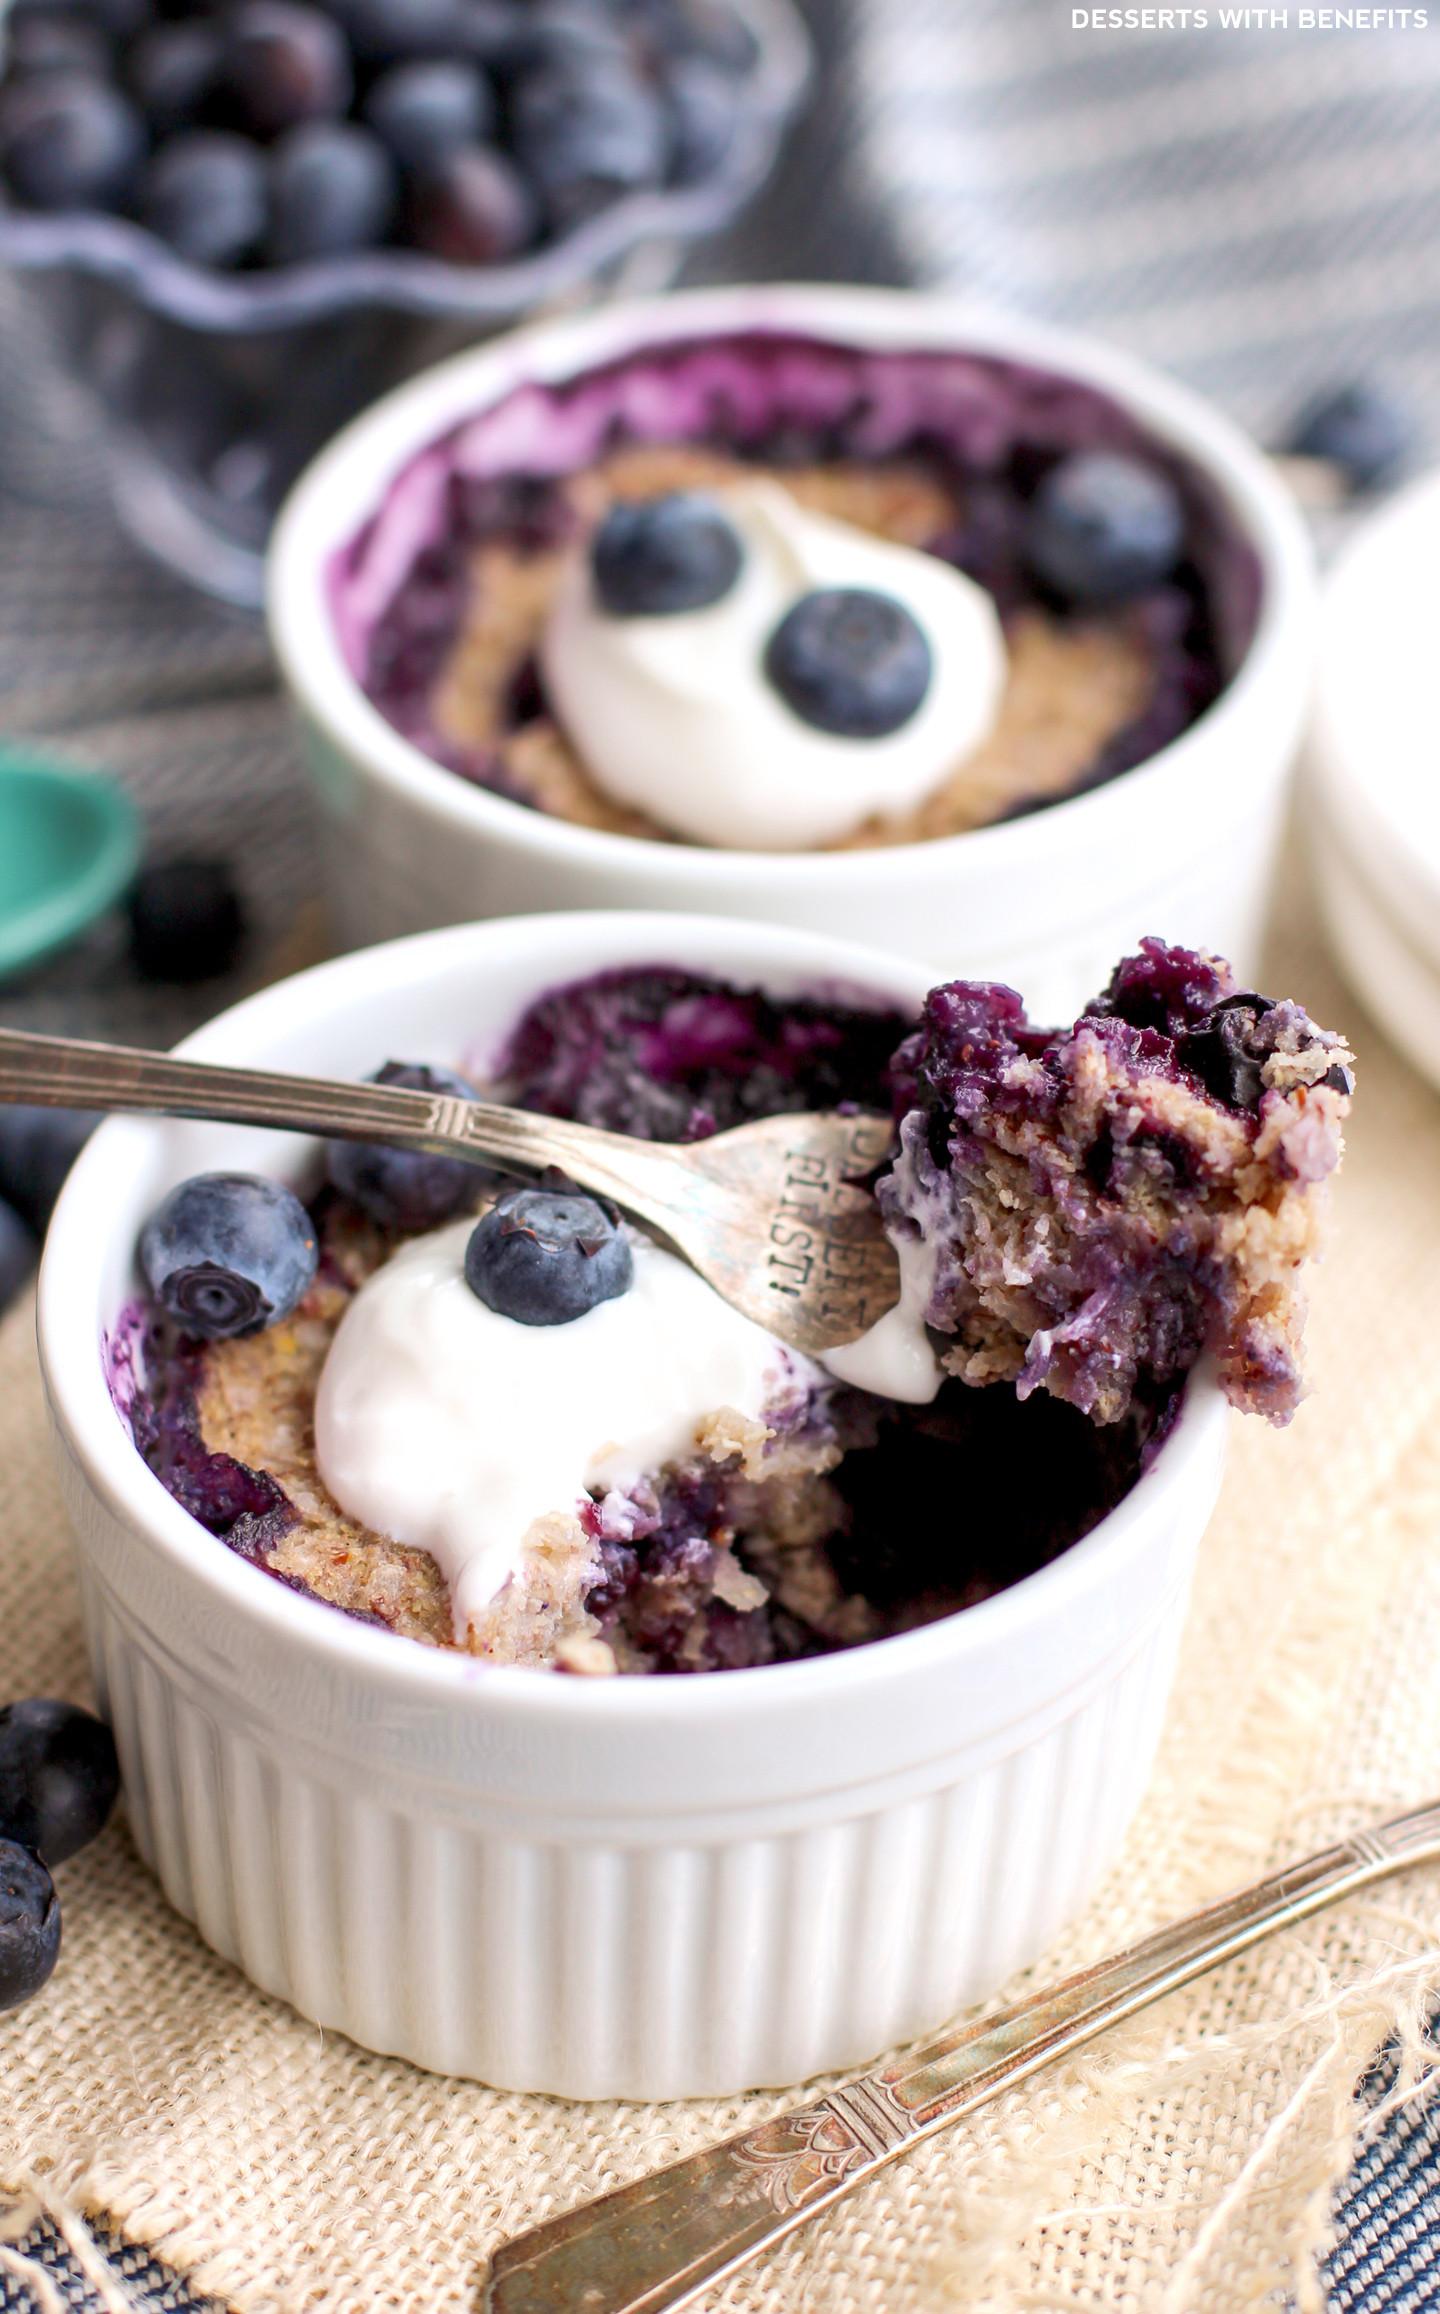 Blueberry Dessert Healthy  Healthy 5 minute Blueberry Quinoa Flake Muffins Gluten